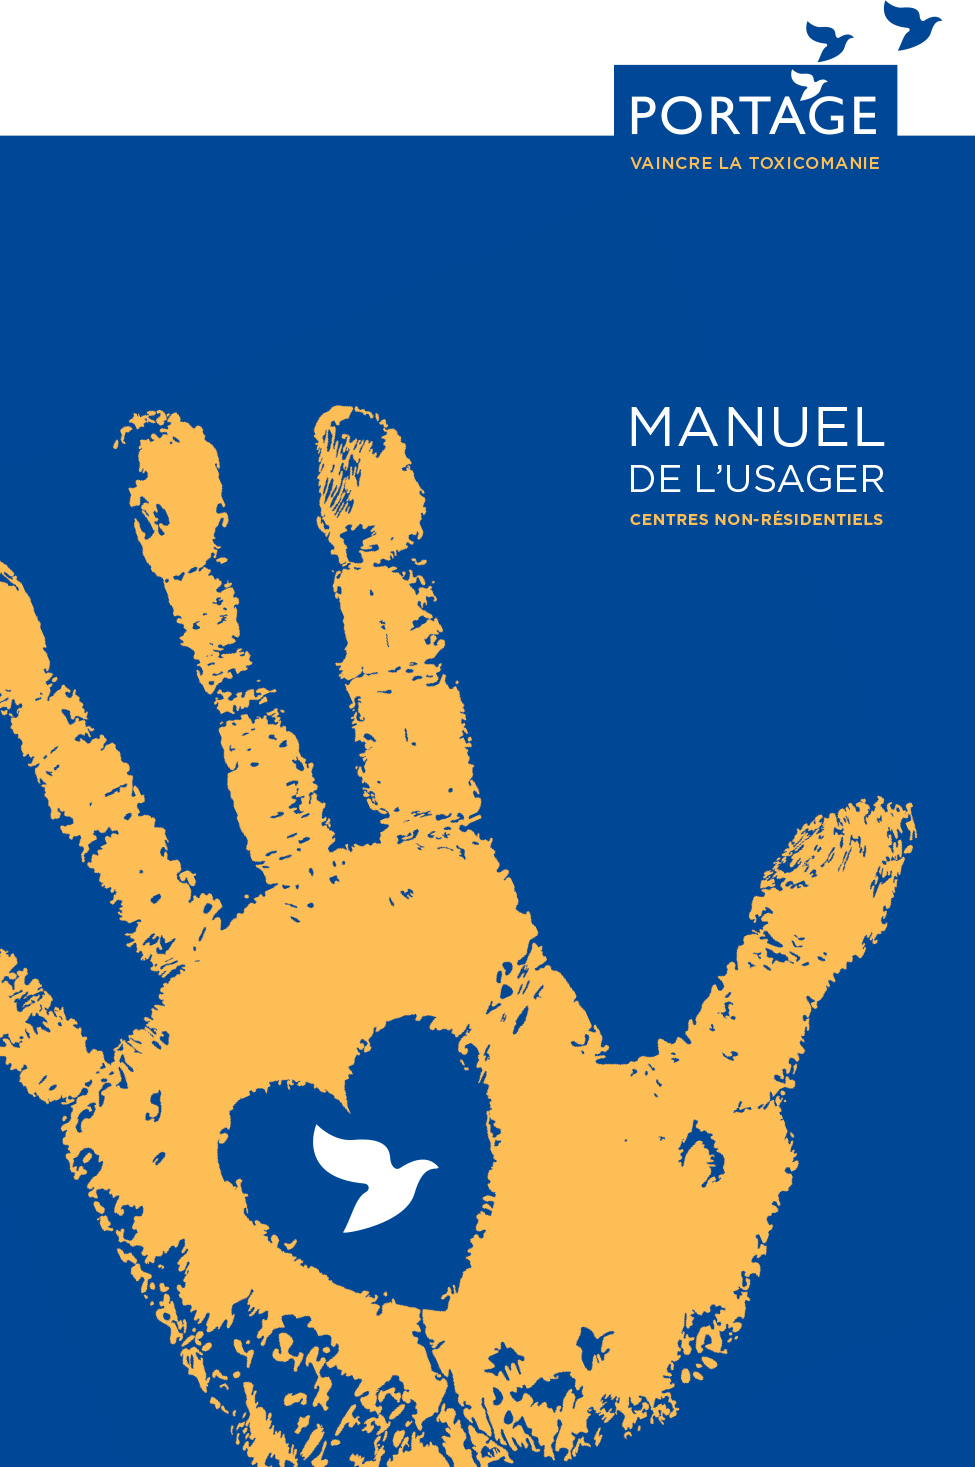 Manuel de l'usager - Centre non-résidentiels - Portage Québec - Français